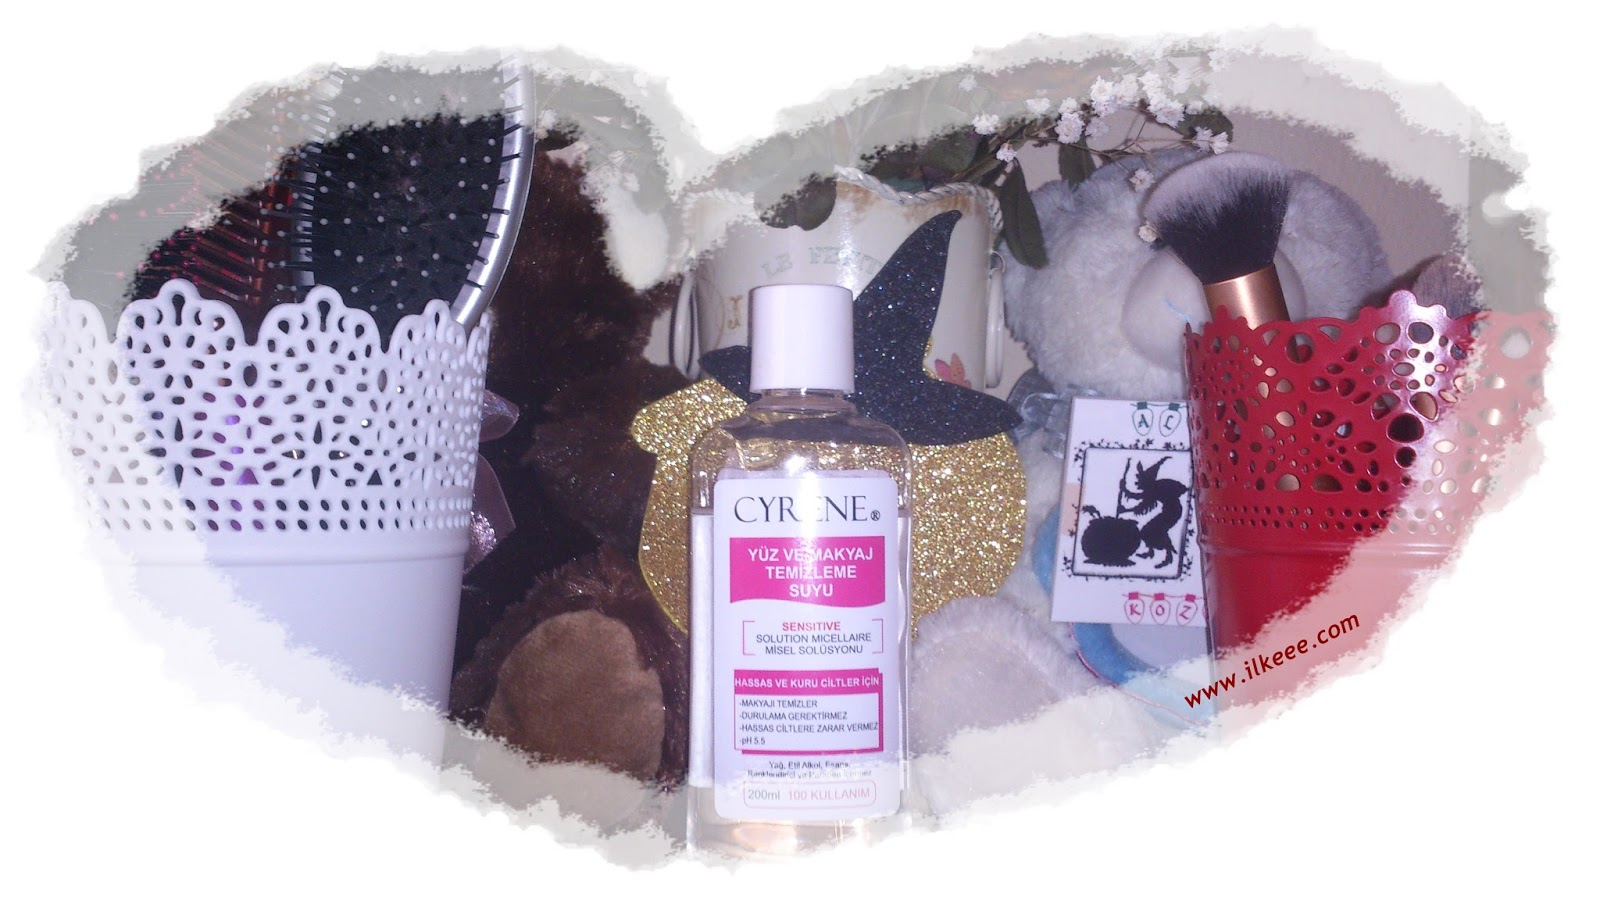 Yüz ve Makyaj Temizleme Suyu - CYRENE - Cyrene Makyaj Temizleme Suyu kullananlar - Makyaj Temizleme Suyu Nasıl Kullanılır